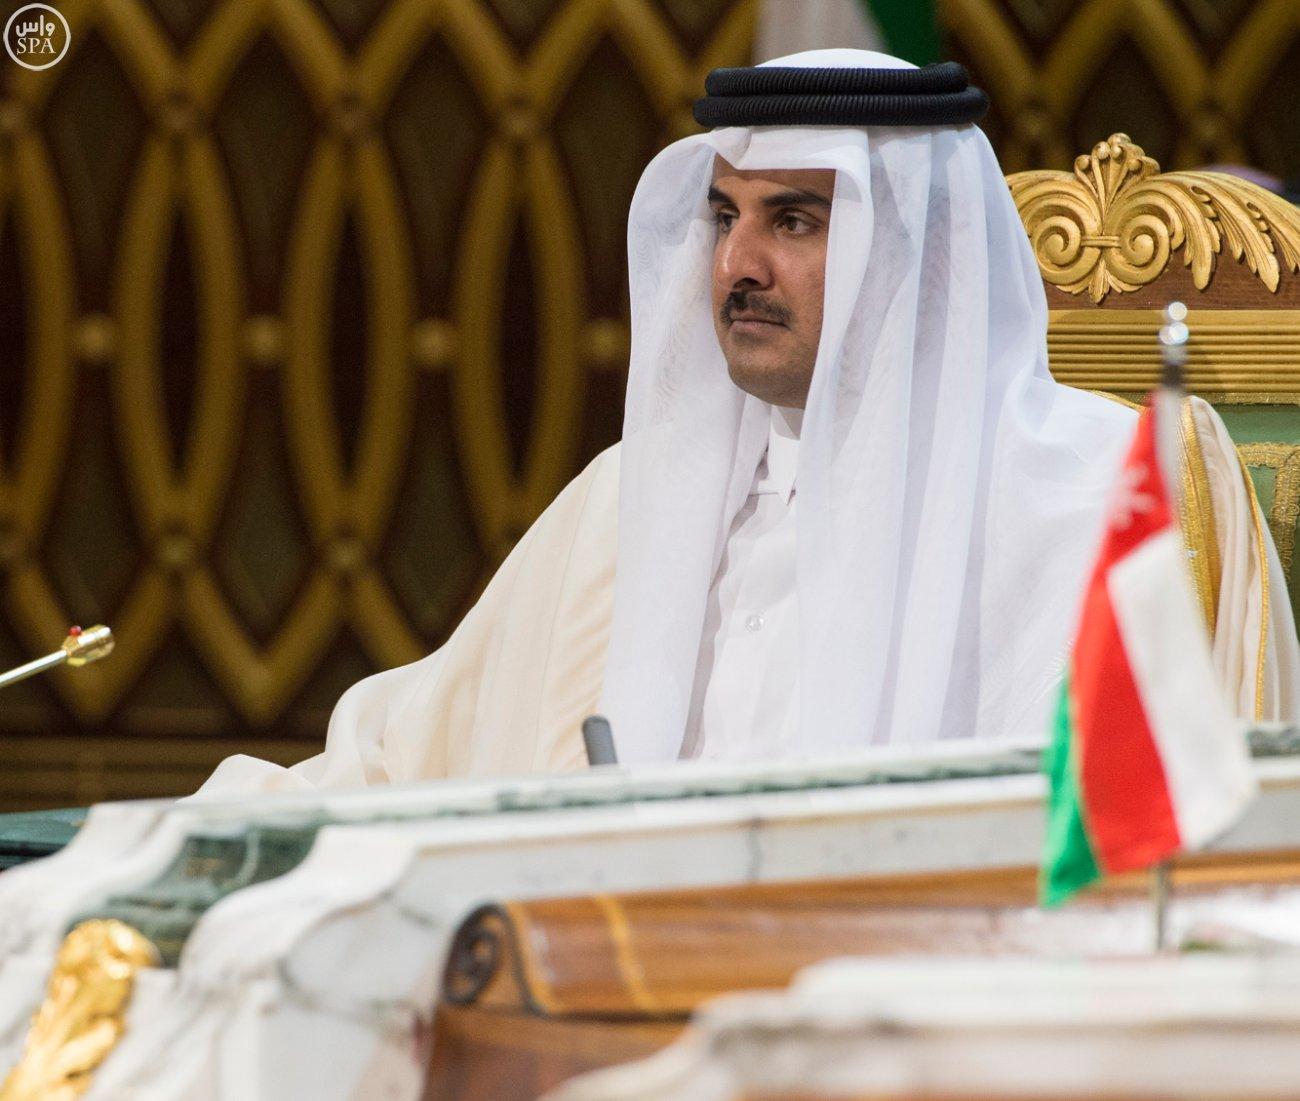 الملك-سلمان-يختتم-اعمال-القمة-الخليجية (5)